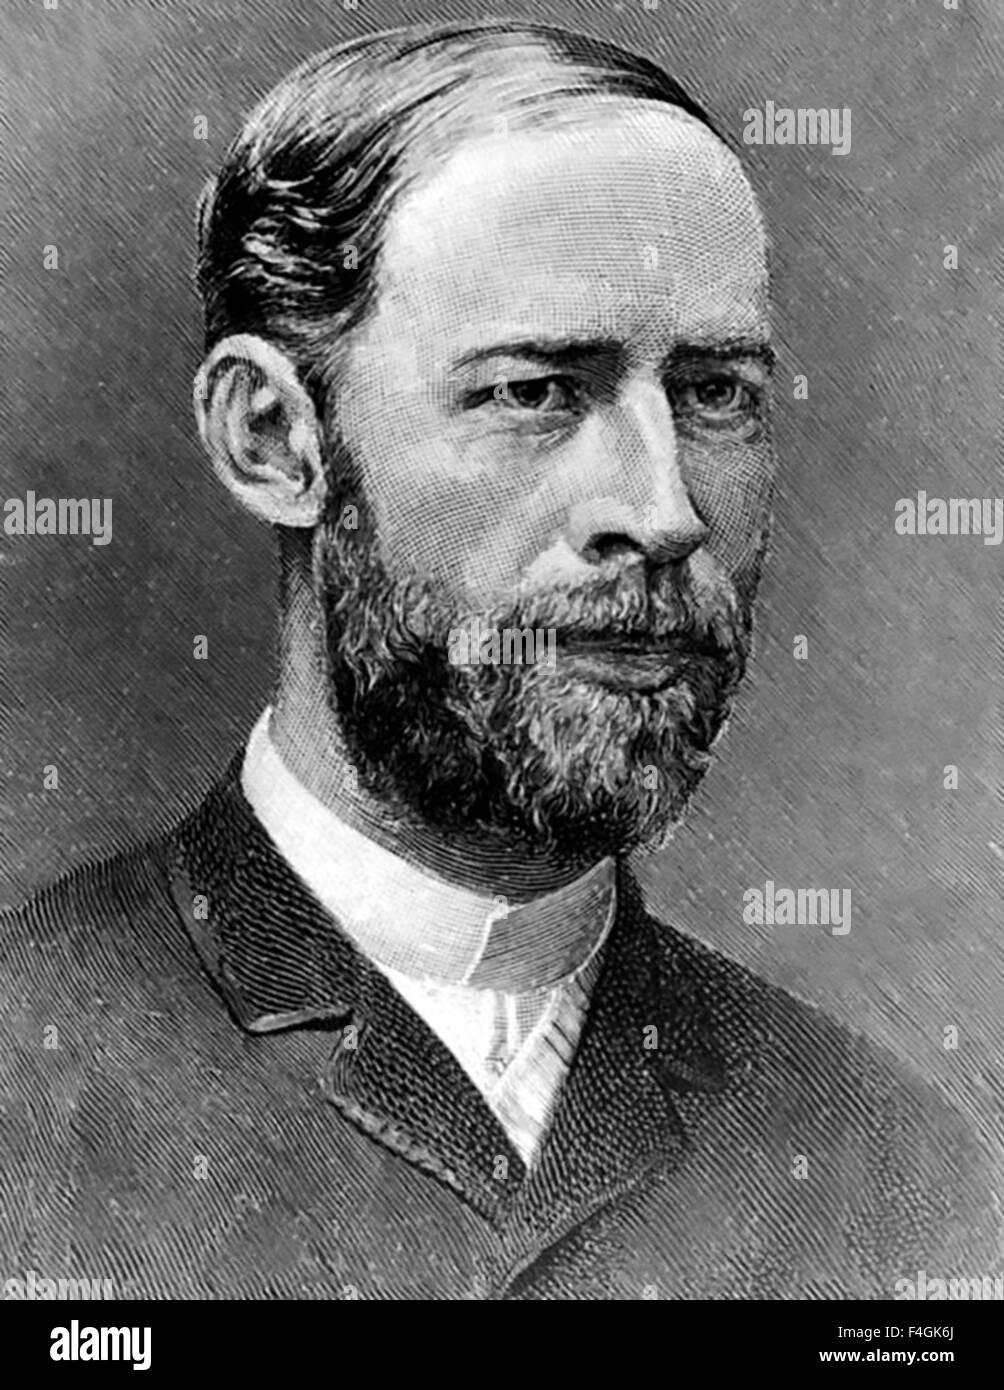 HEINRICH HERTZ (1857-1894) German physicist - Stock Image